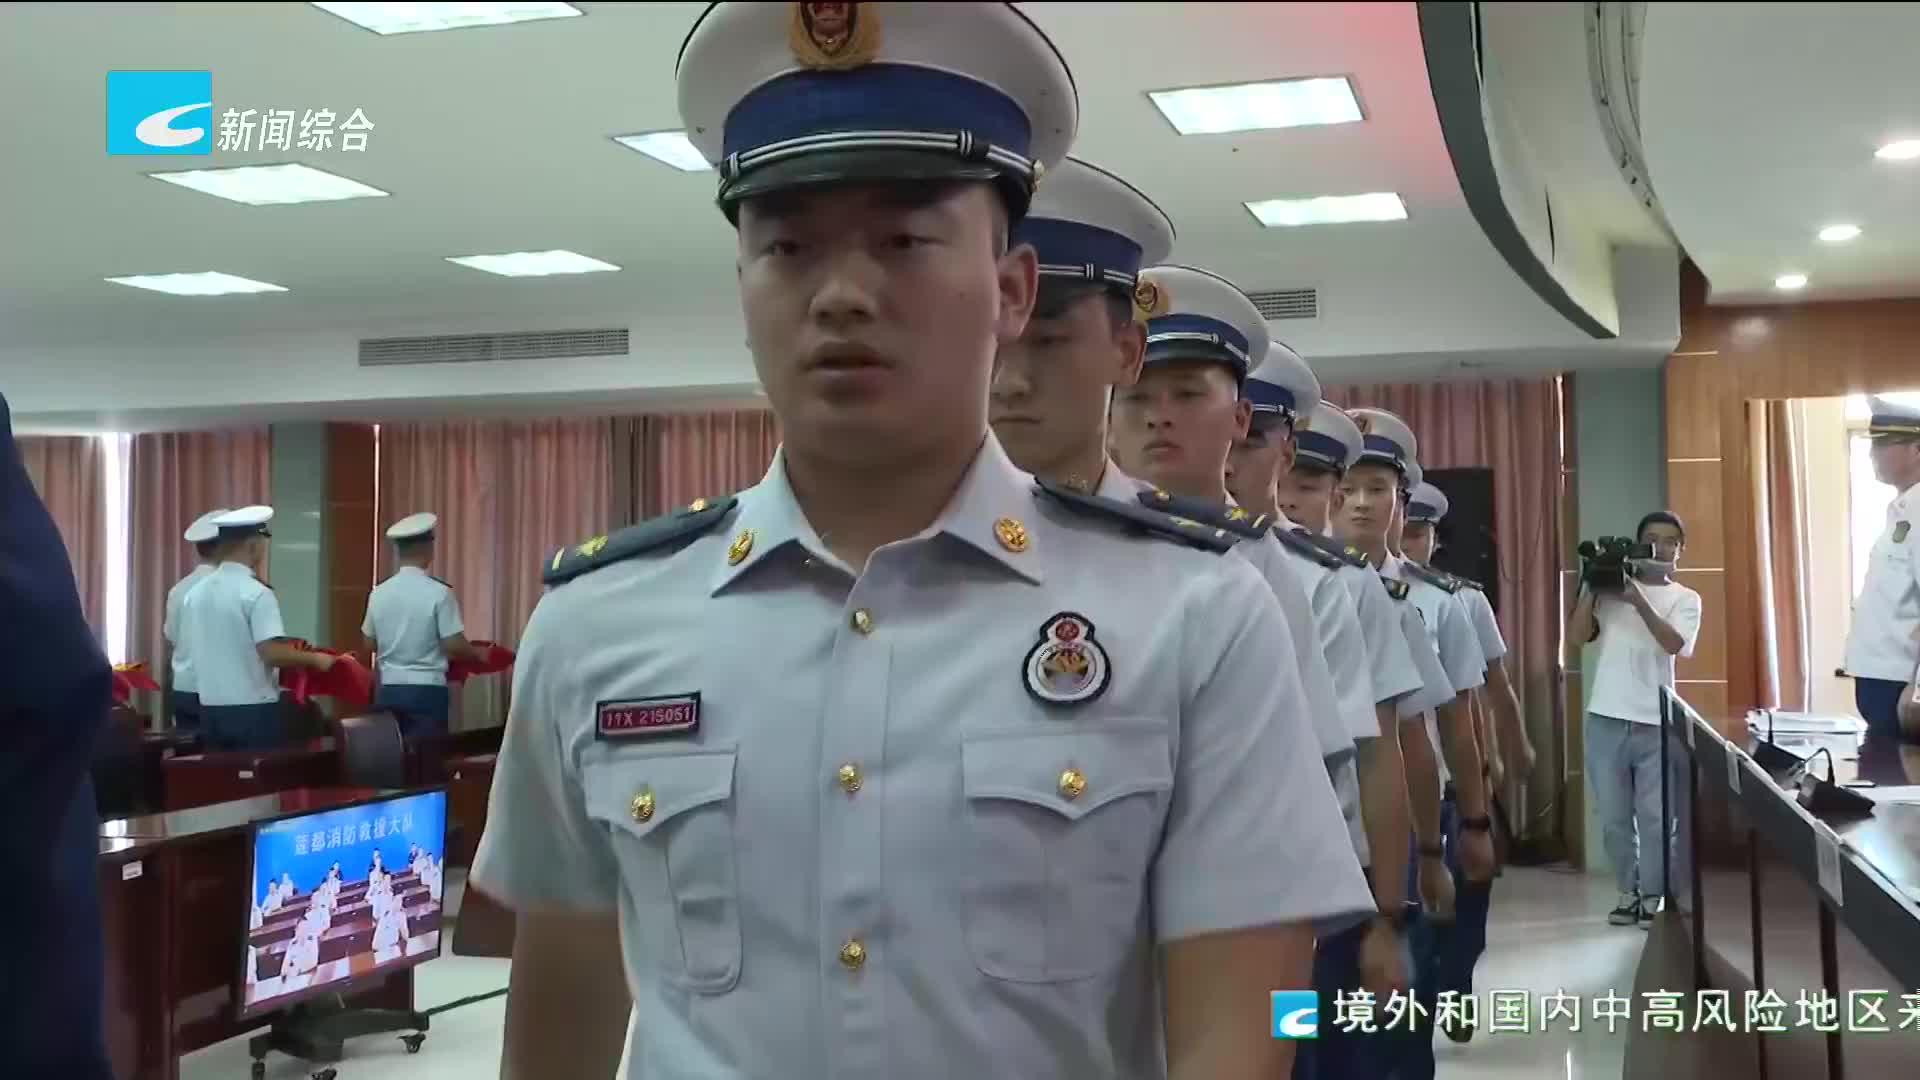 处州国防:不辱使命 10名消防员光荣退出国家综合性消防救援队伍